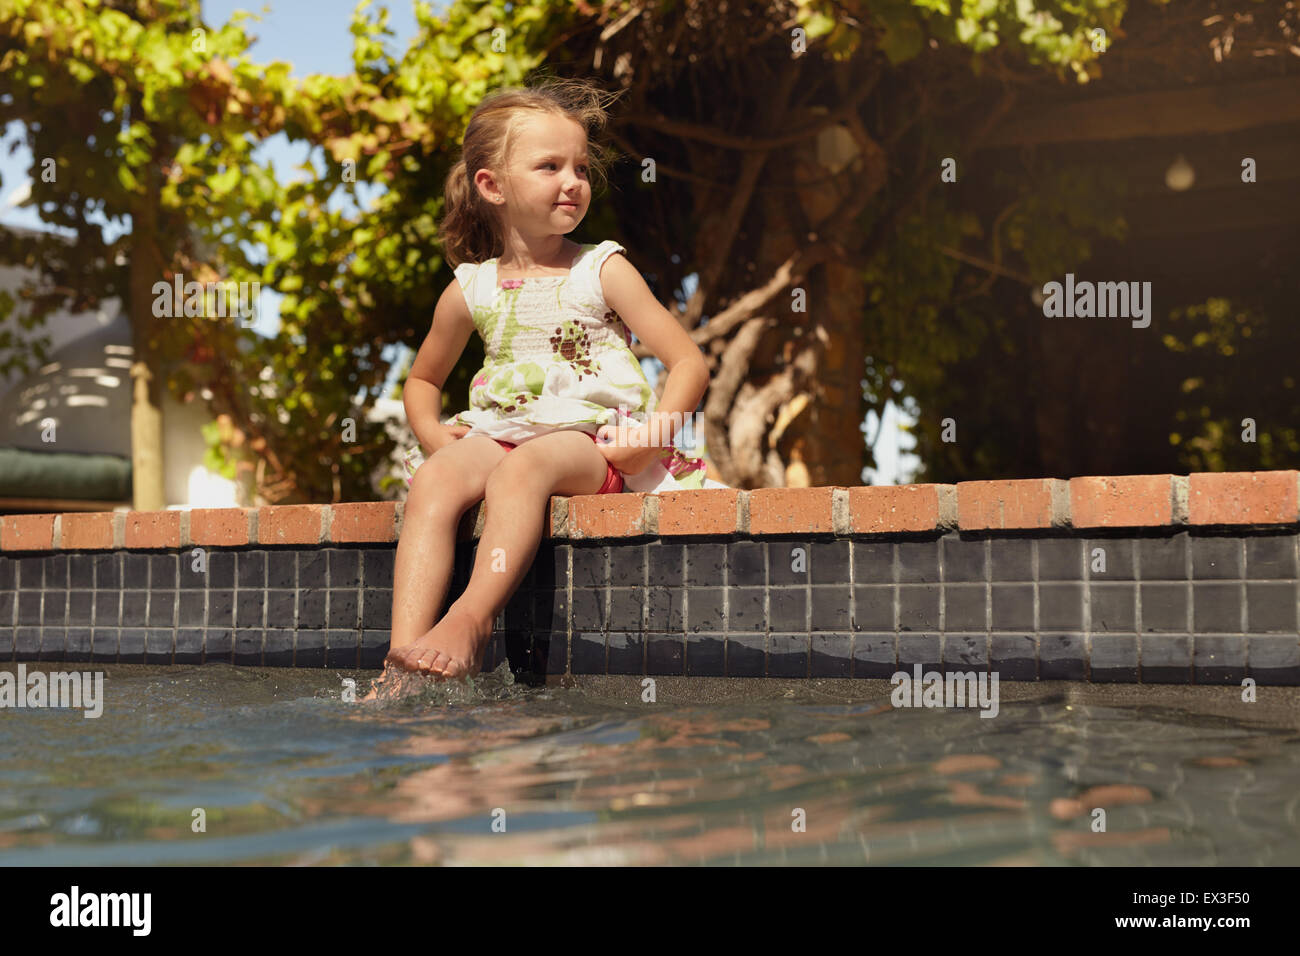 Colpo all'aperto di una bambina immergendo i suoi piedi nella piscina che guarda lontano. Incantevole piccola Immagini Stock